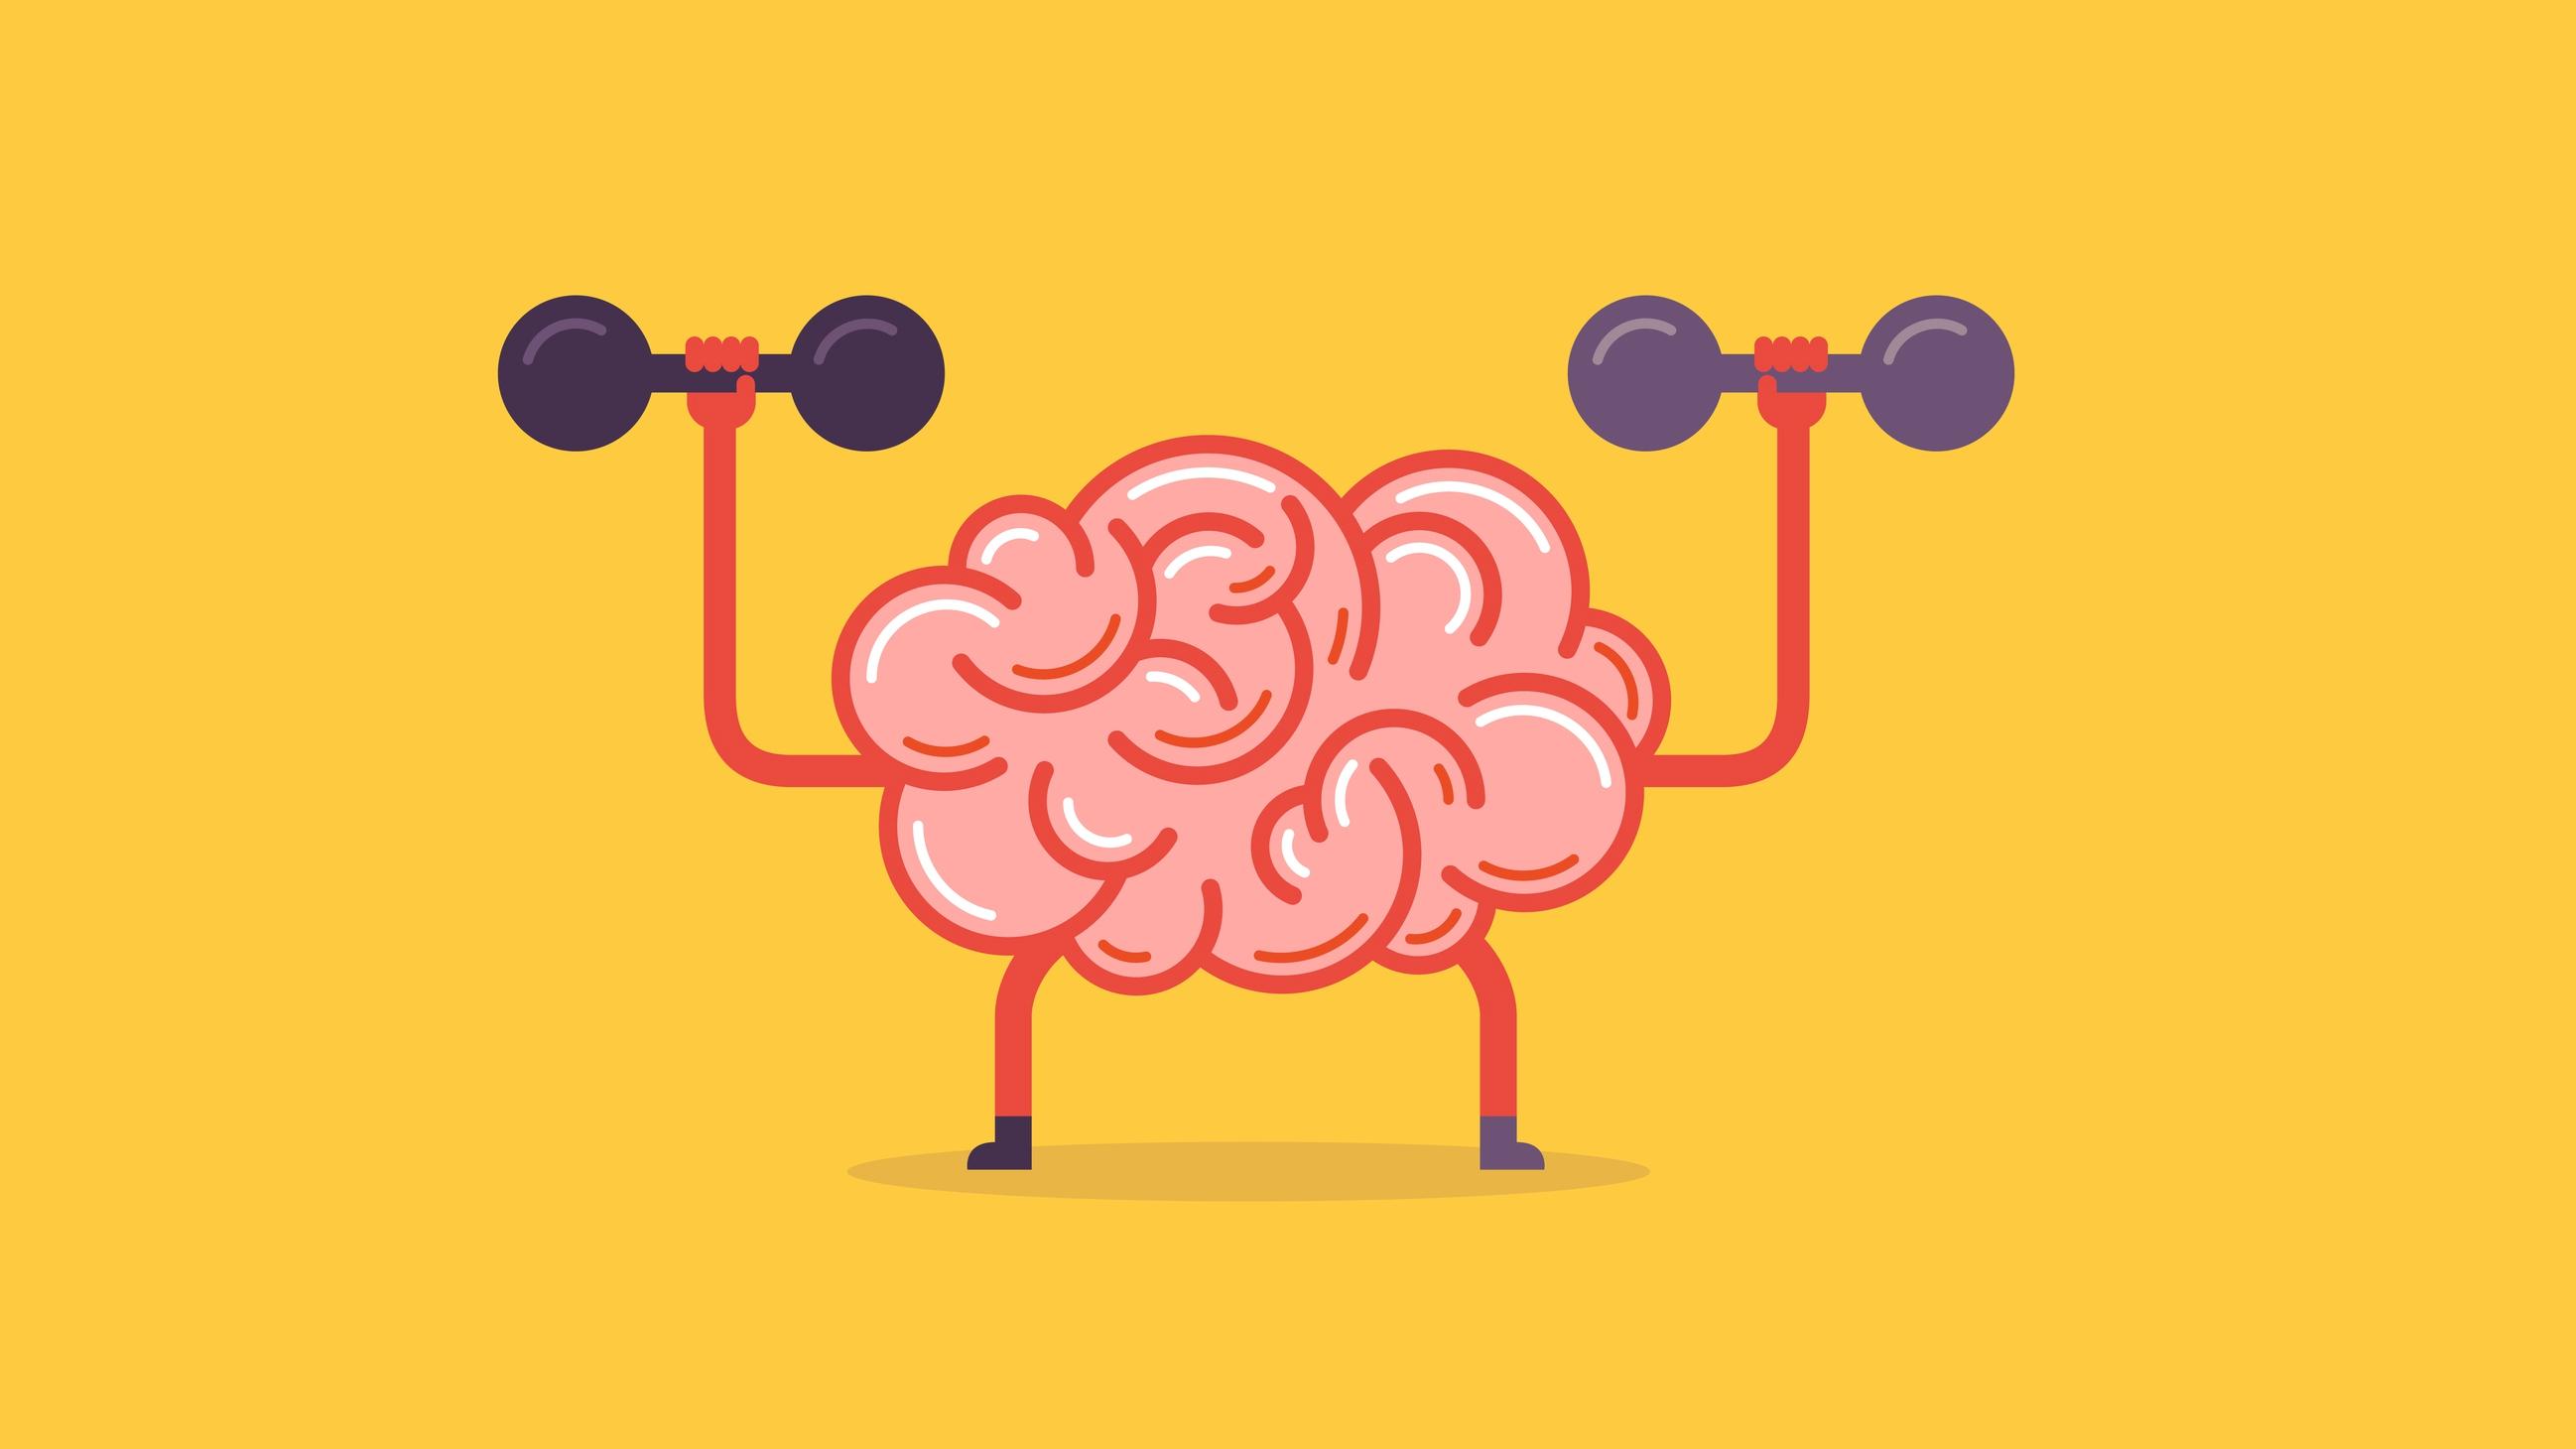 За эти упражнения мозг скажет вам спасибо | Rusbase